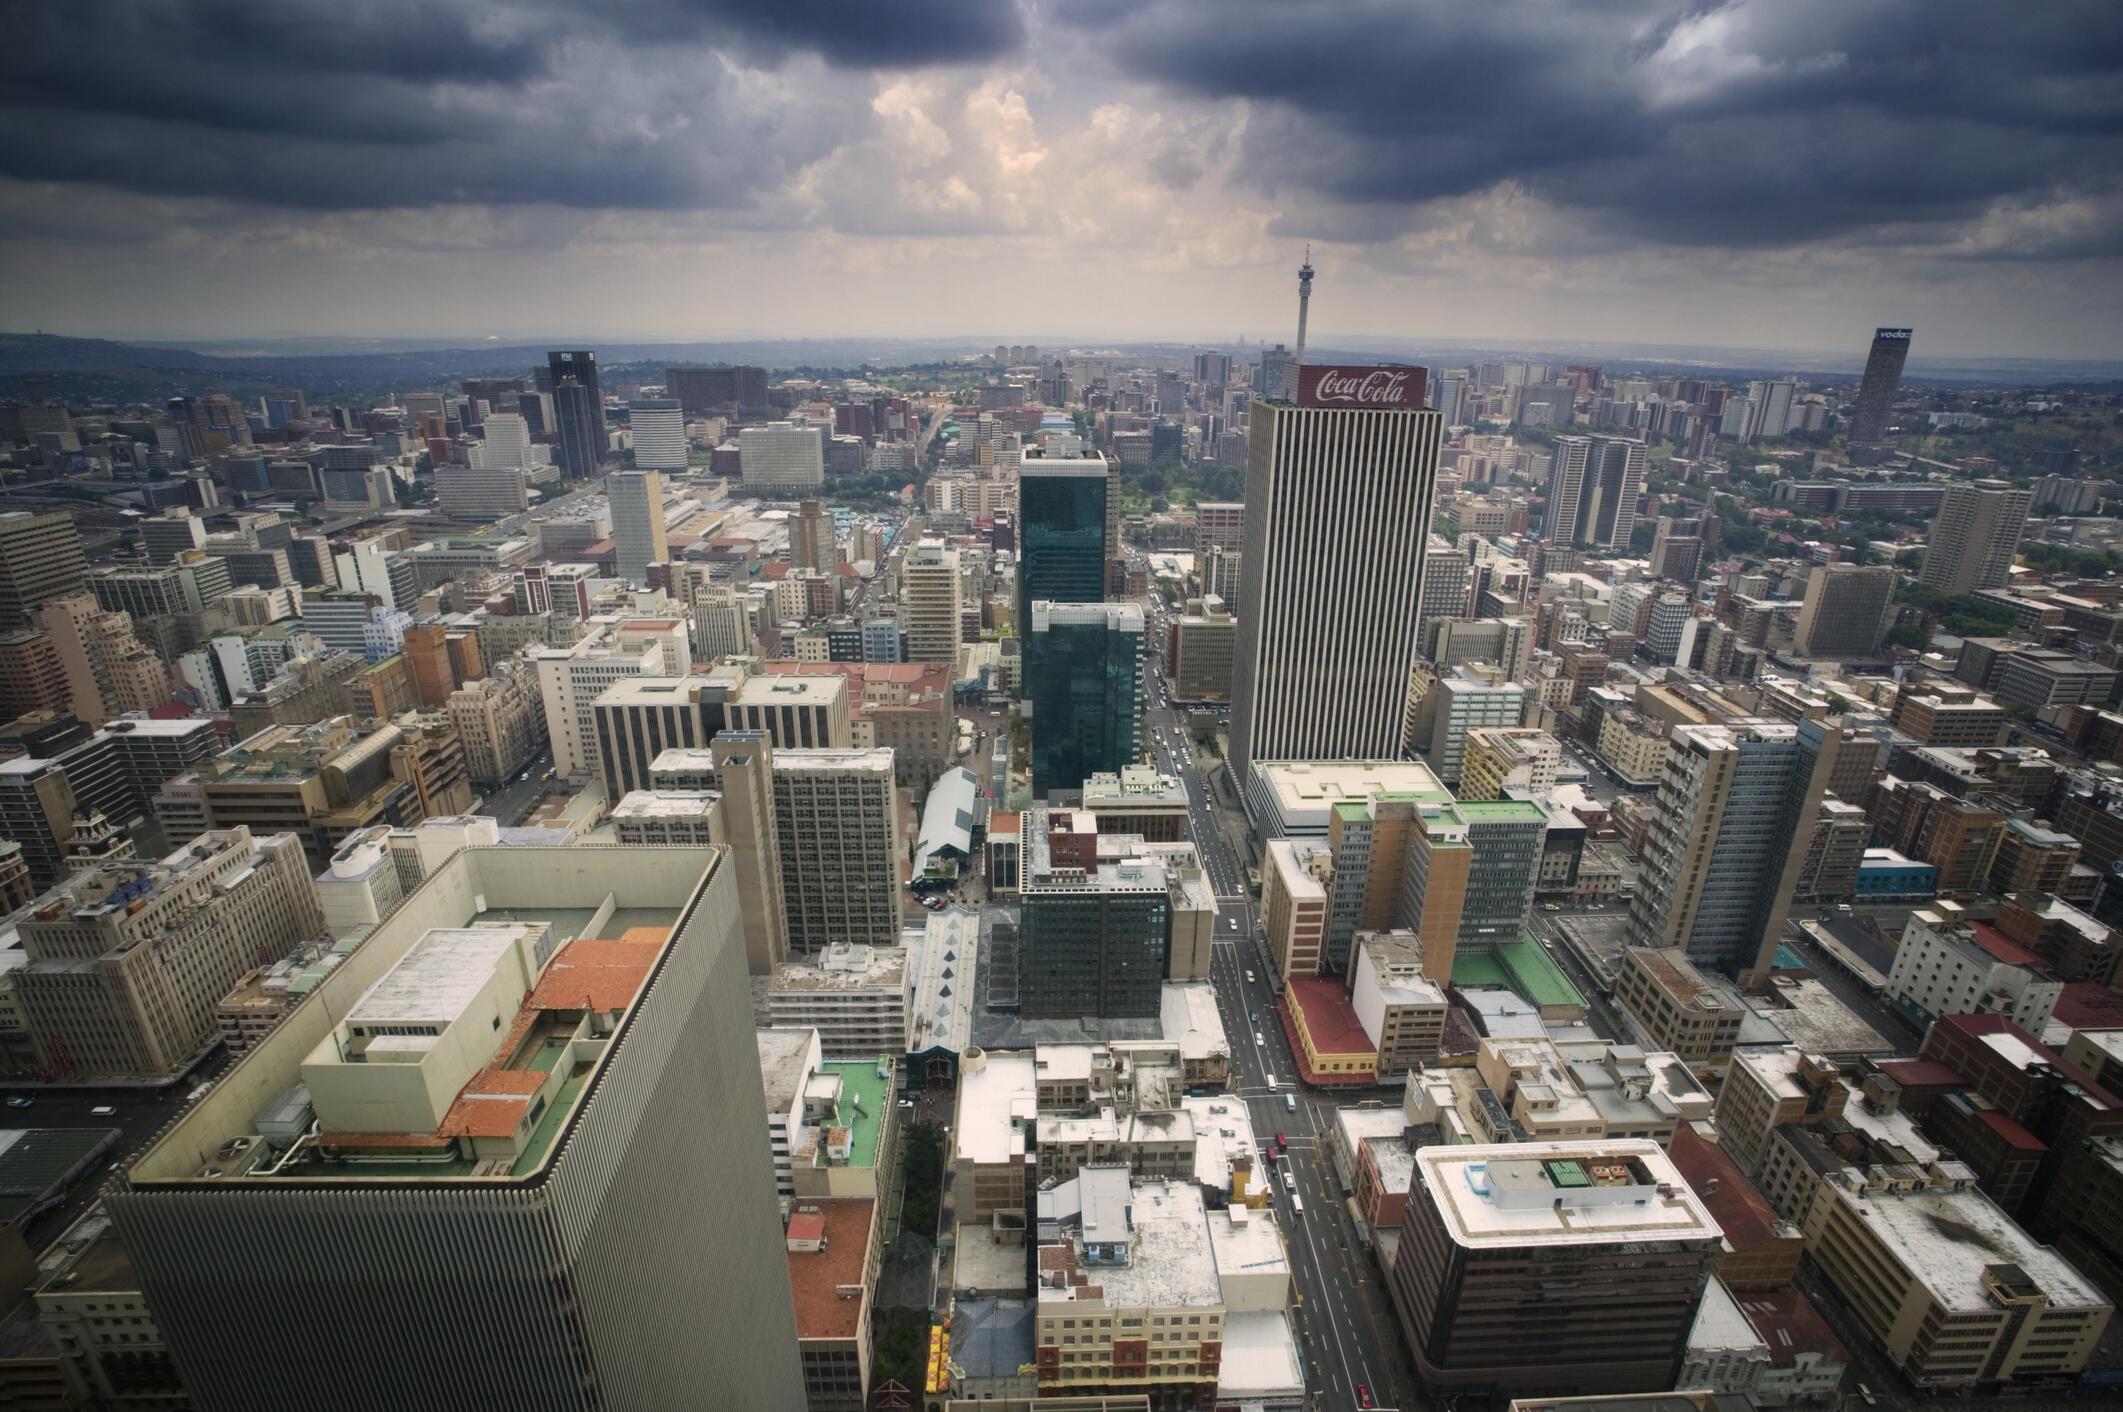 Vue de Johannesburg en Afrique du Sud.